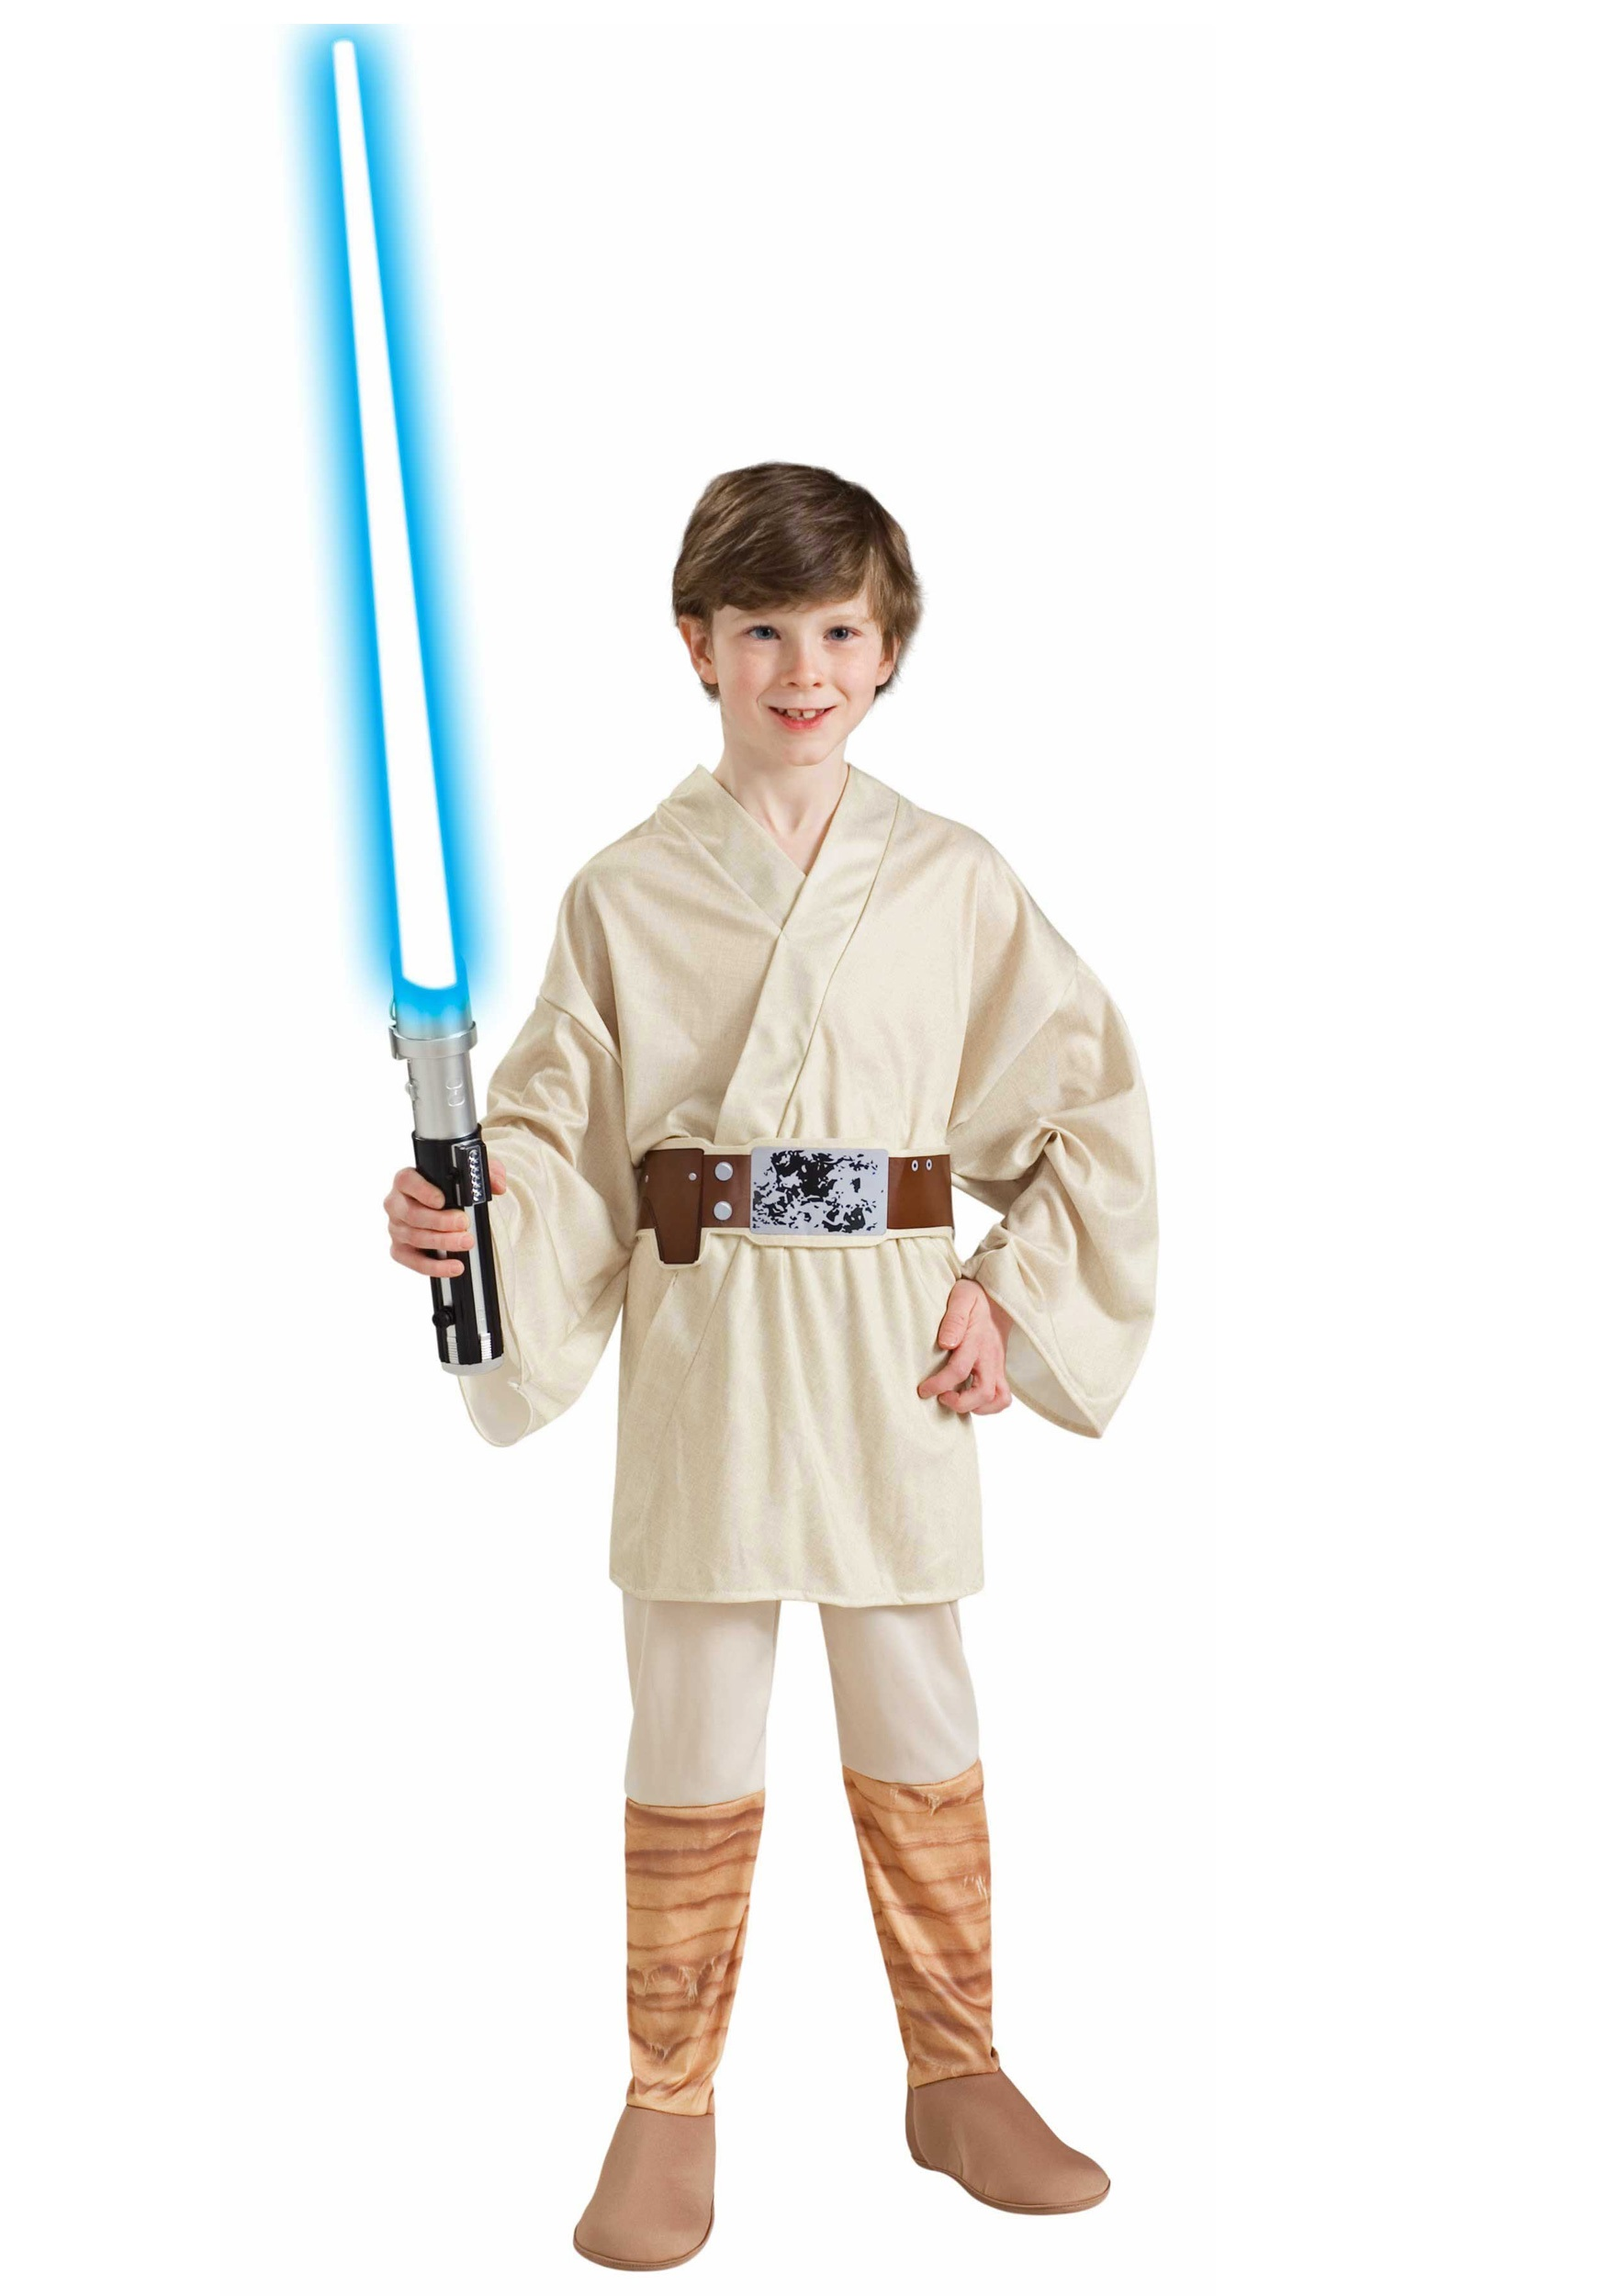 kids luke skywalker costume. Black Bedroom Furniture Sets. Home Design Ideas